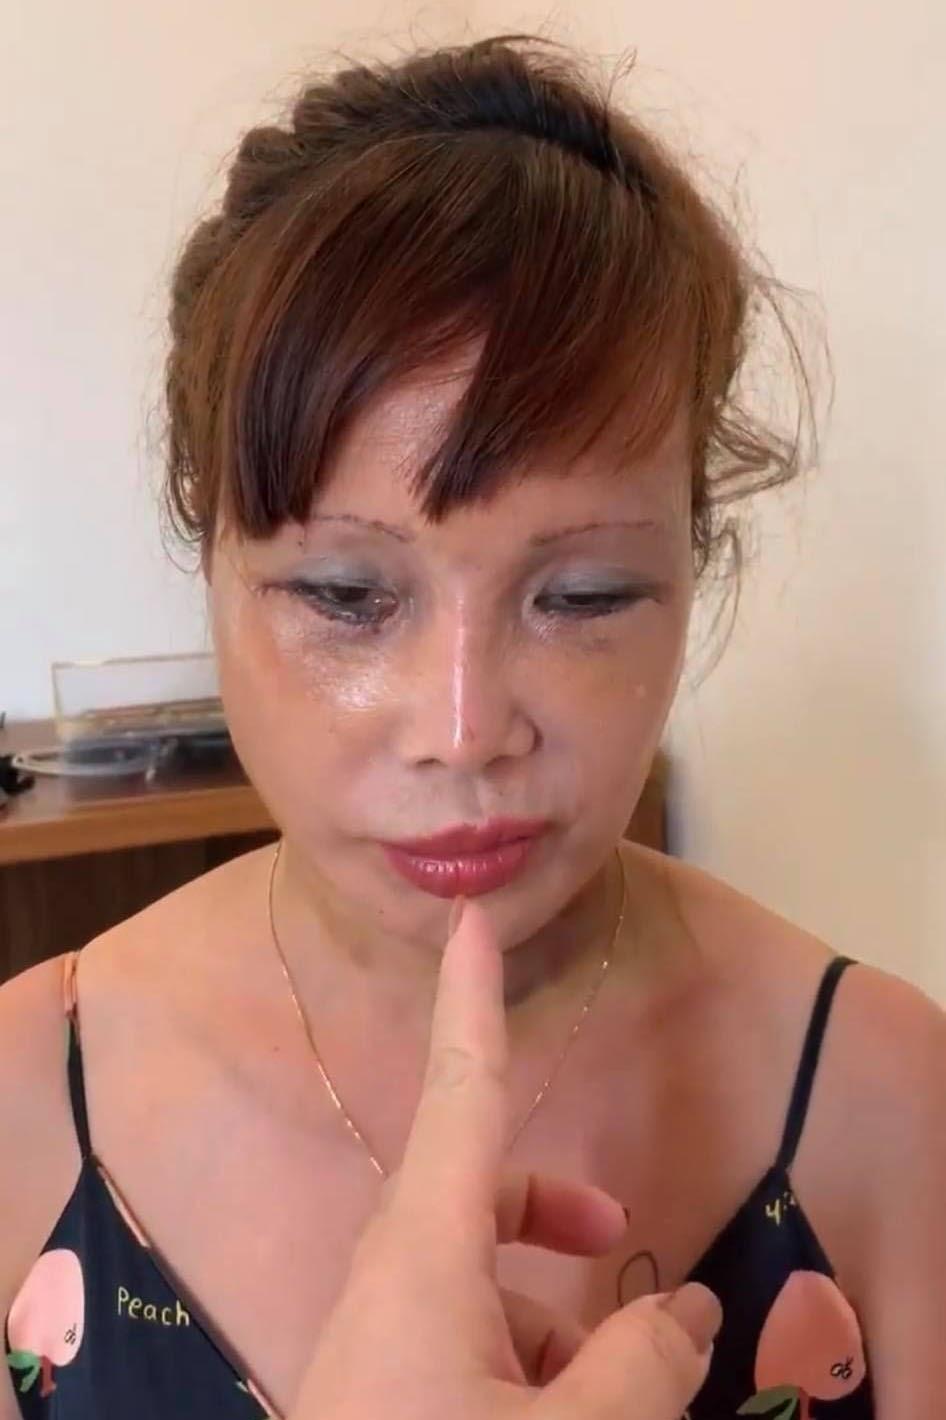 Cận cảnh nhan sắc cô dâu 62 tuổi sau 4 ngày thẩm mỹ: Bị méo miệng vẫn muốn nâng cấp vòng một - Hình 5